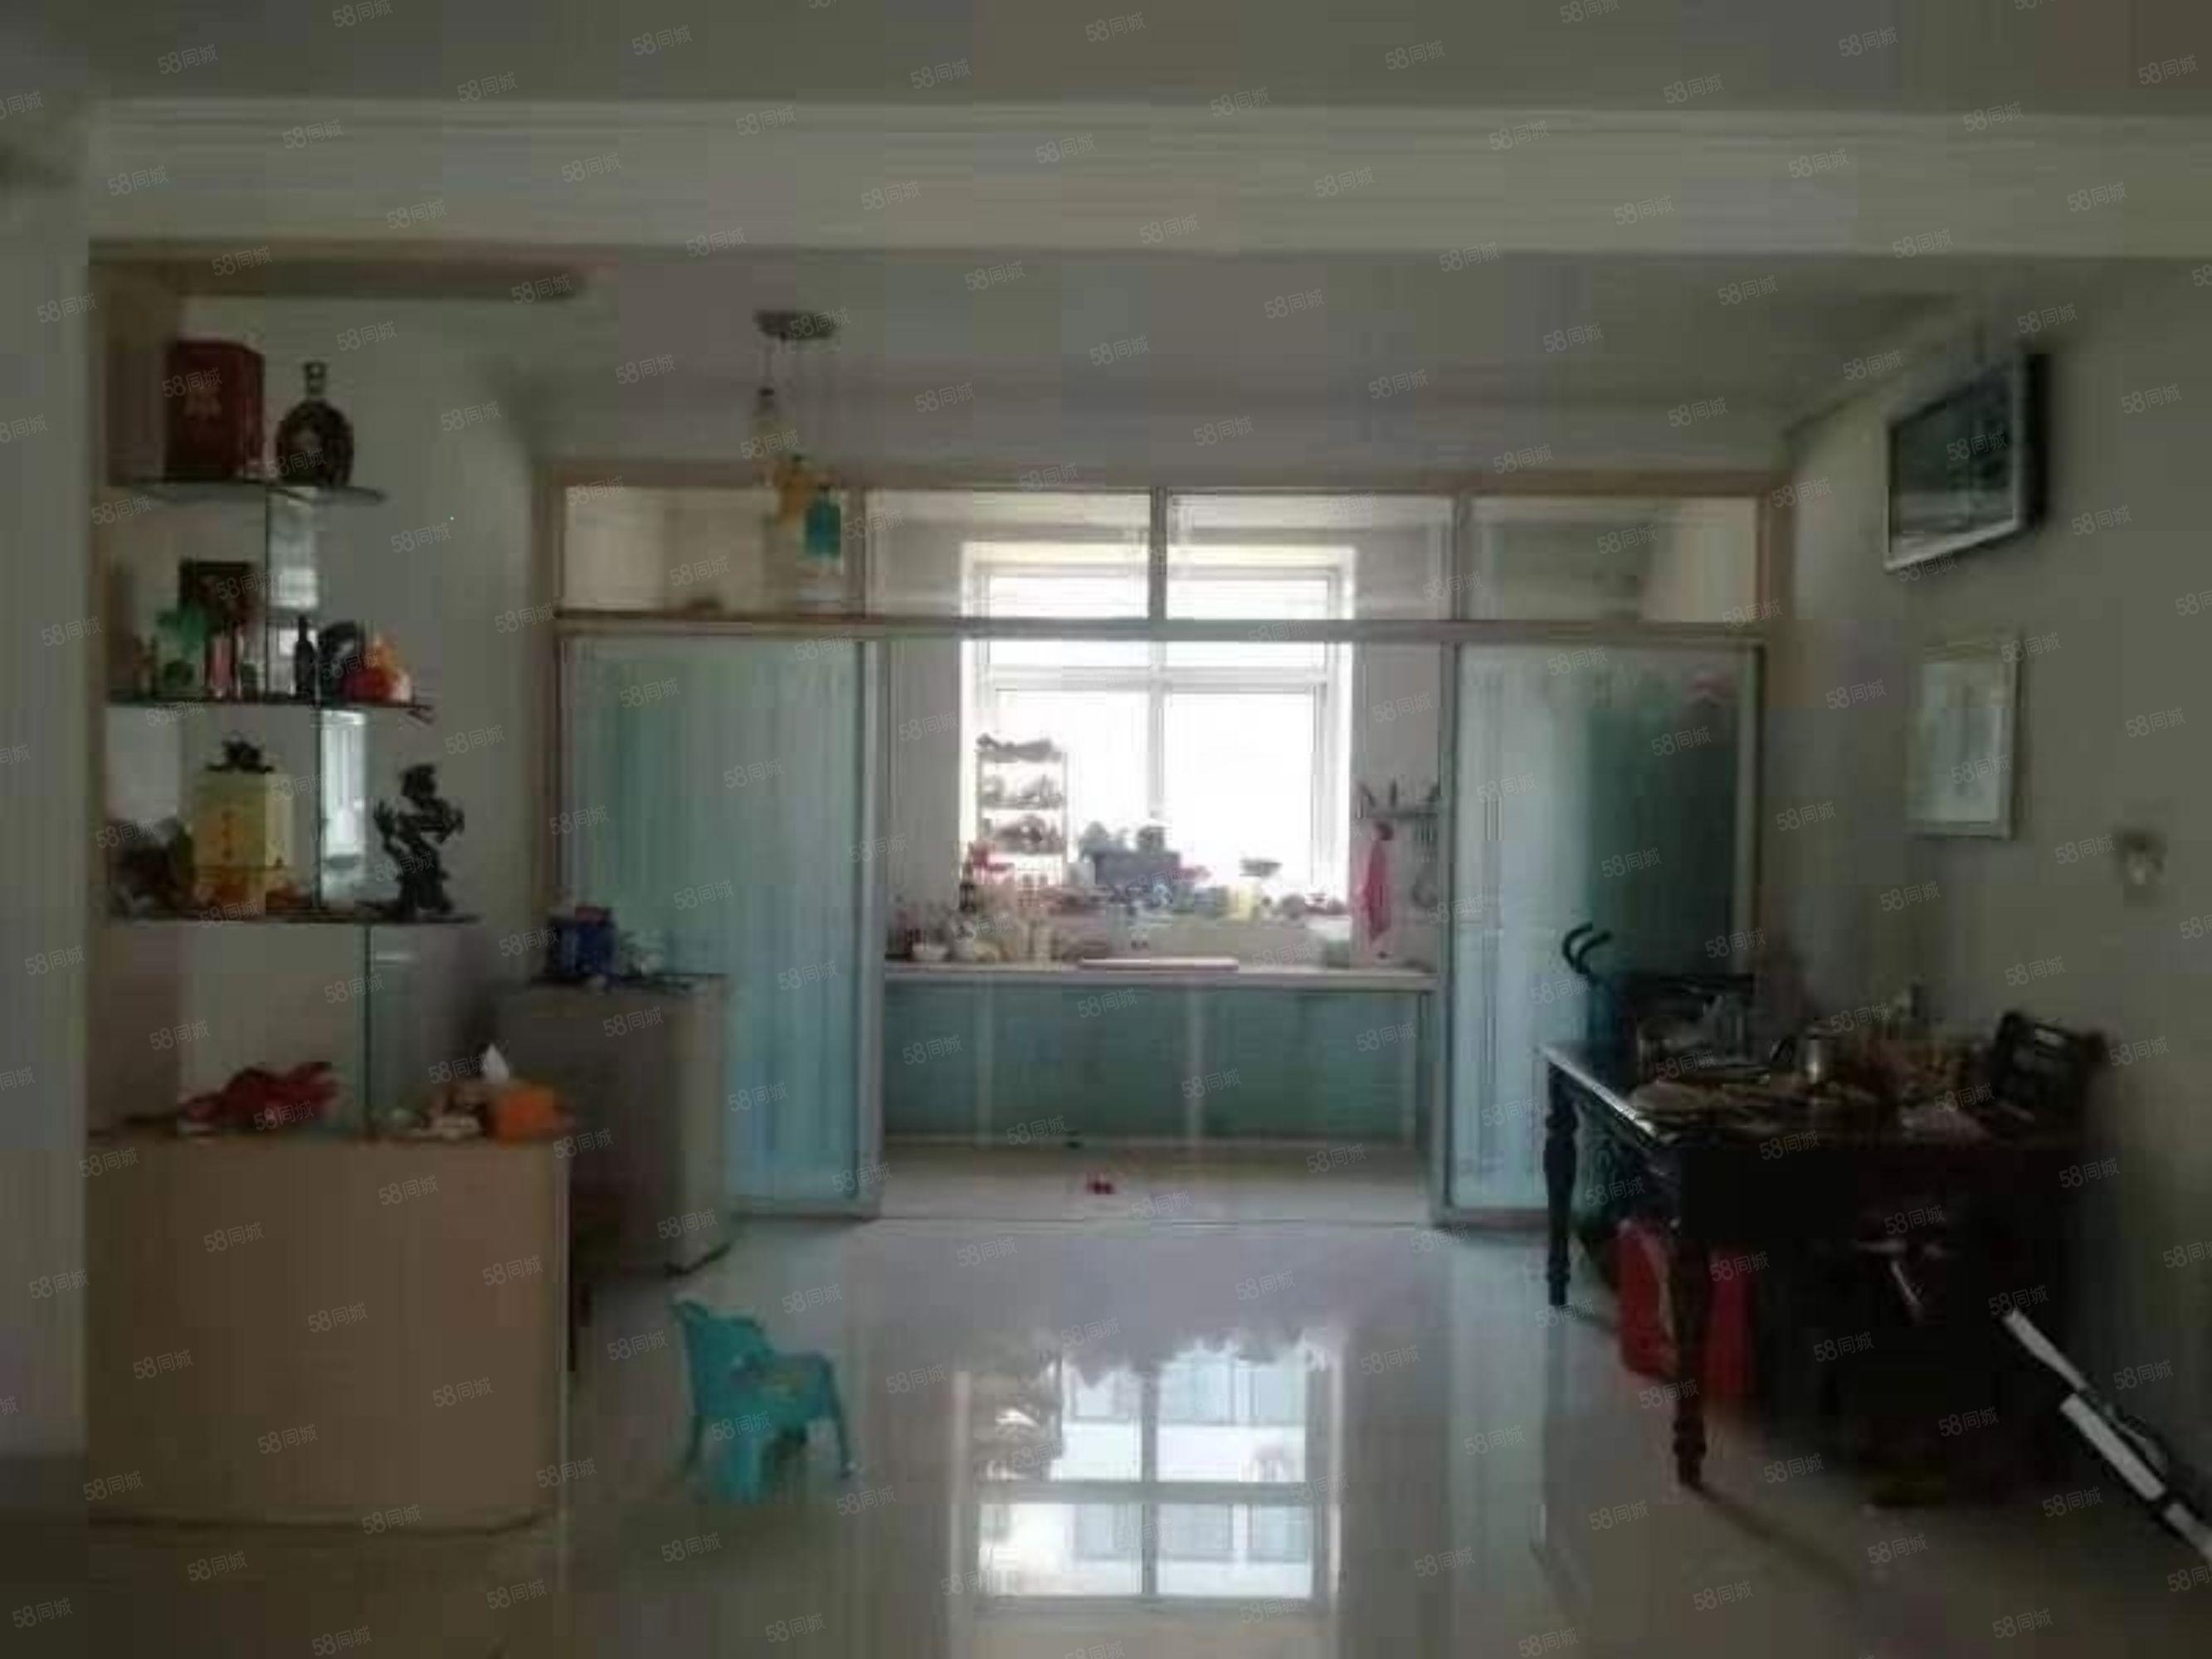 鳳凰新城 精裝三室 無 稅 多層二樓 H戶型帶車庫